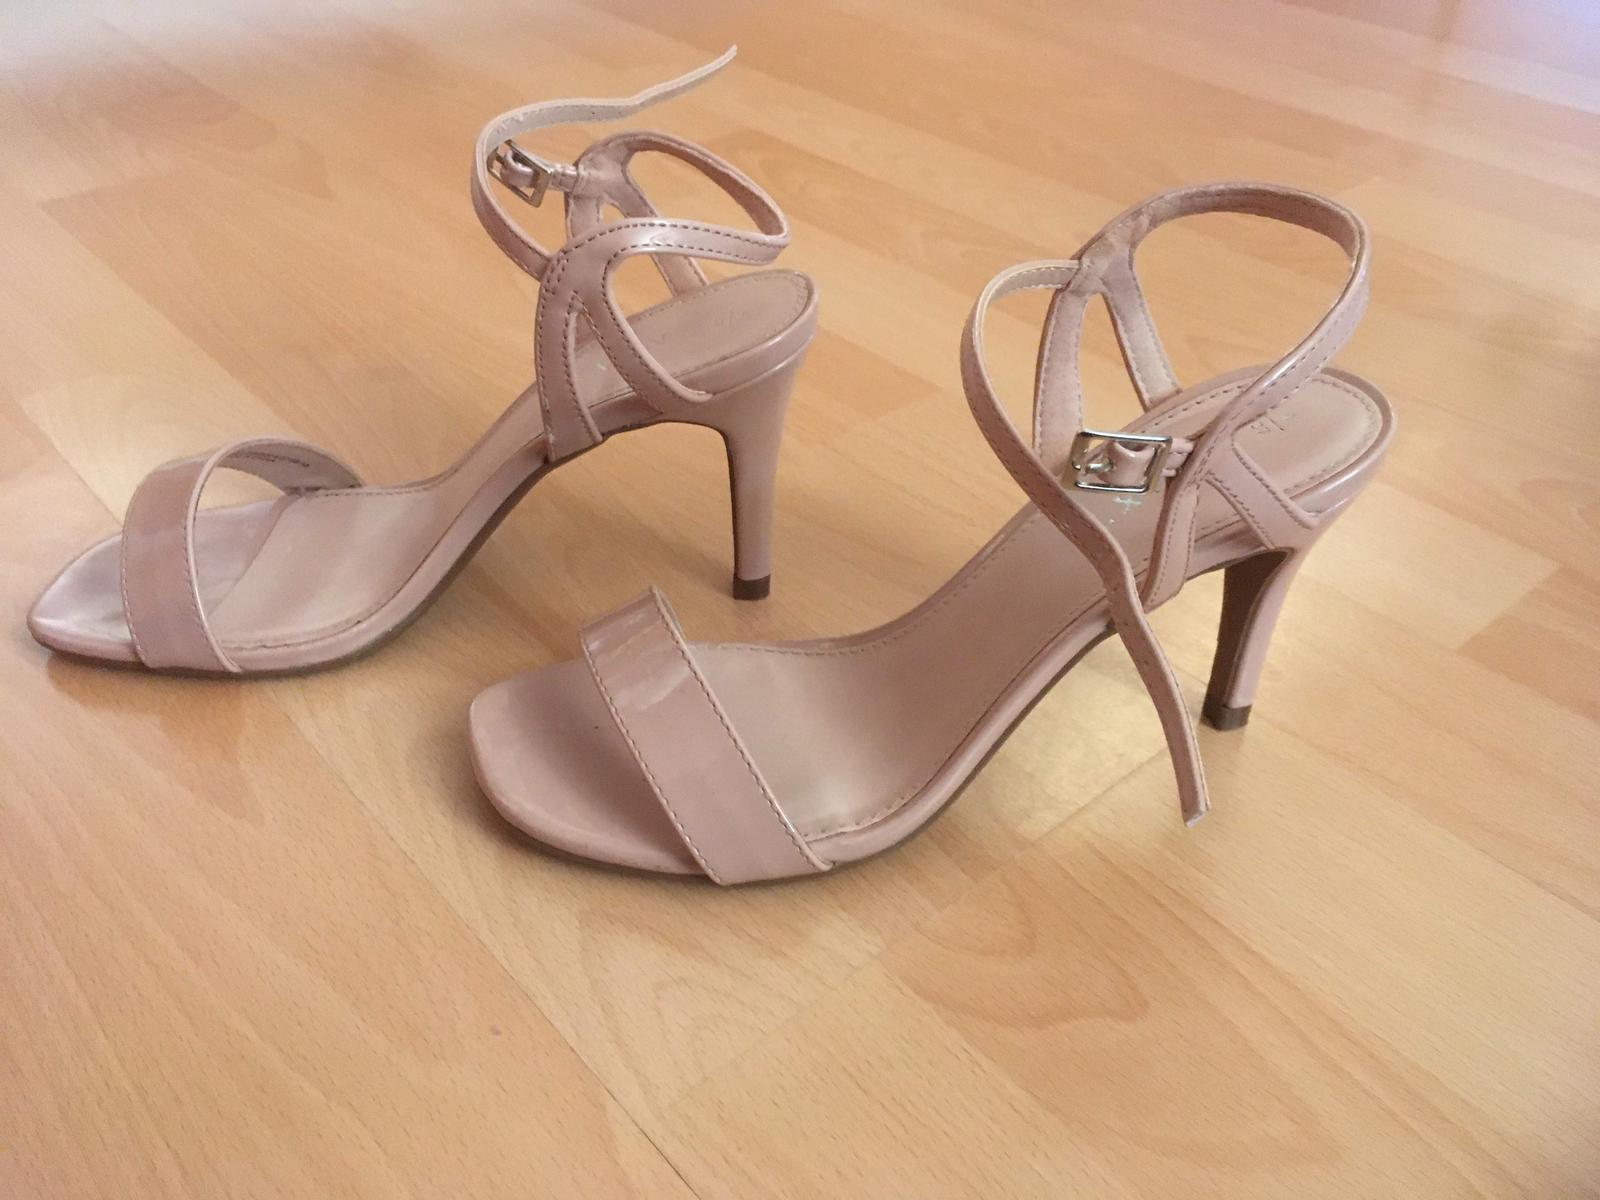 elegantní páskové společenské sandále, sandály - Obrázek č. 1